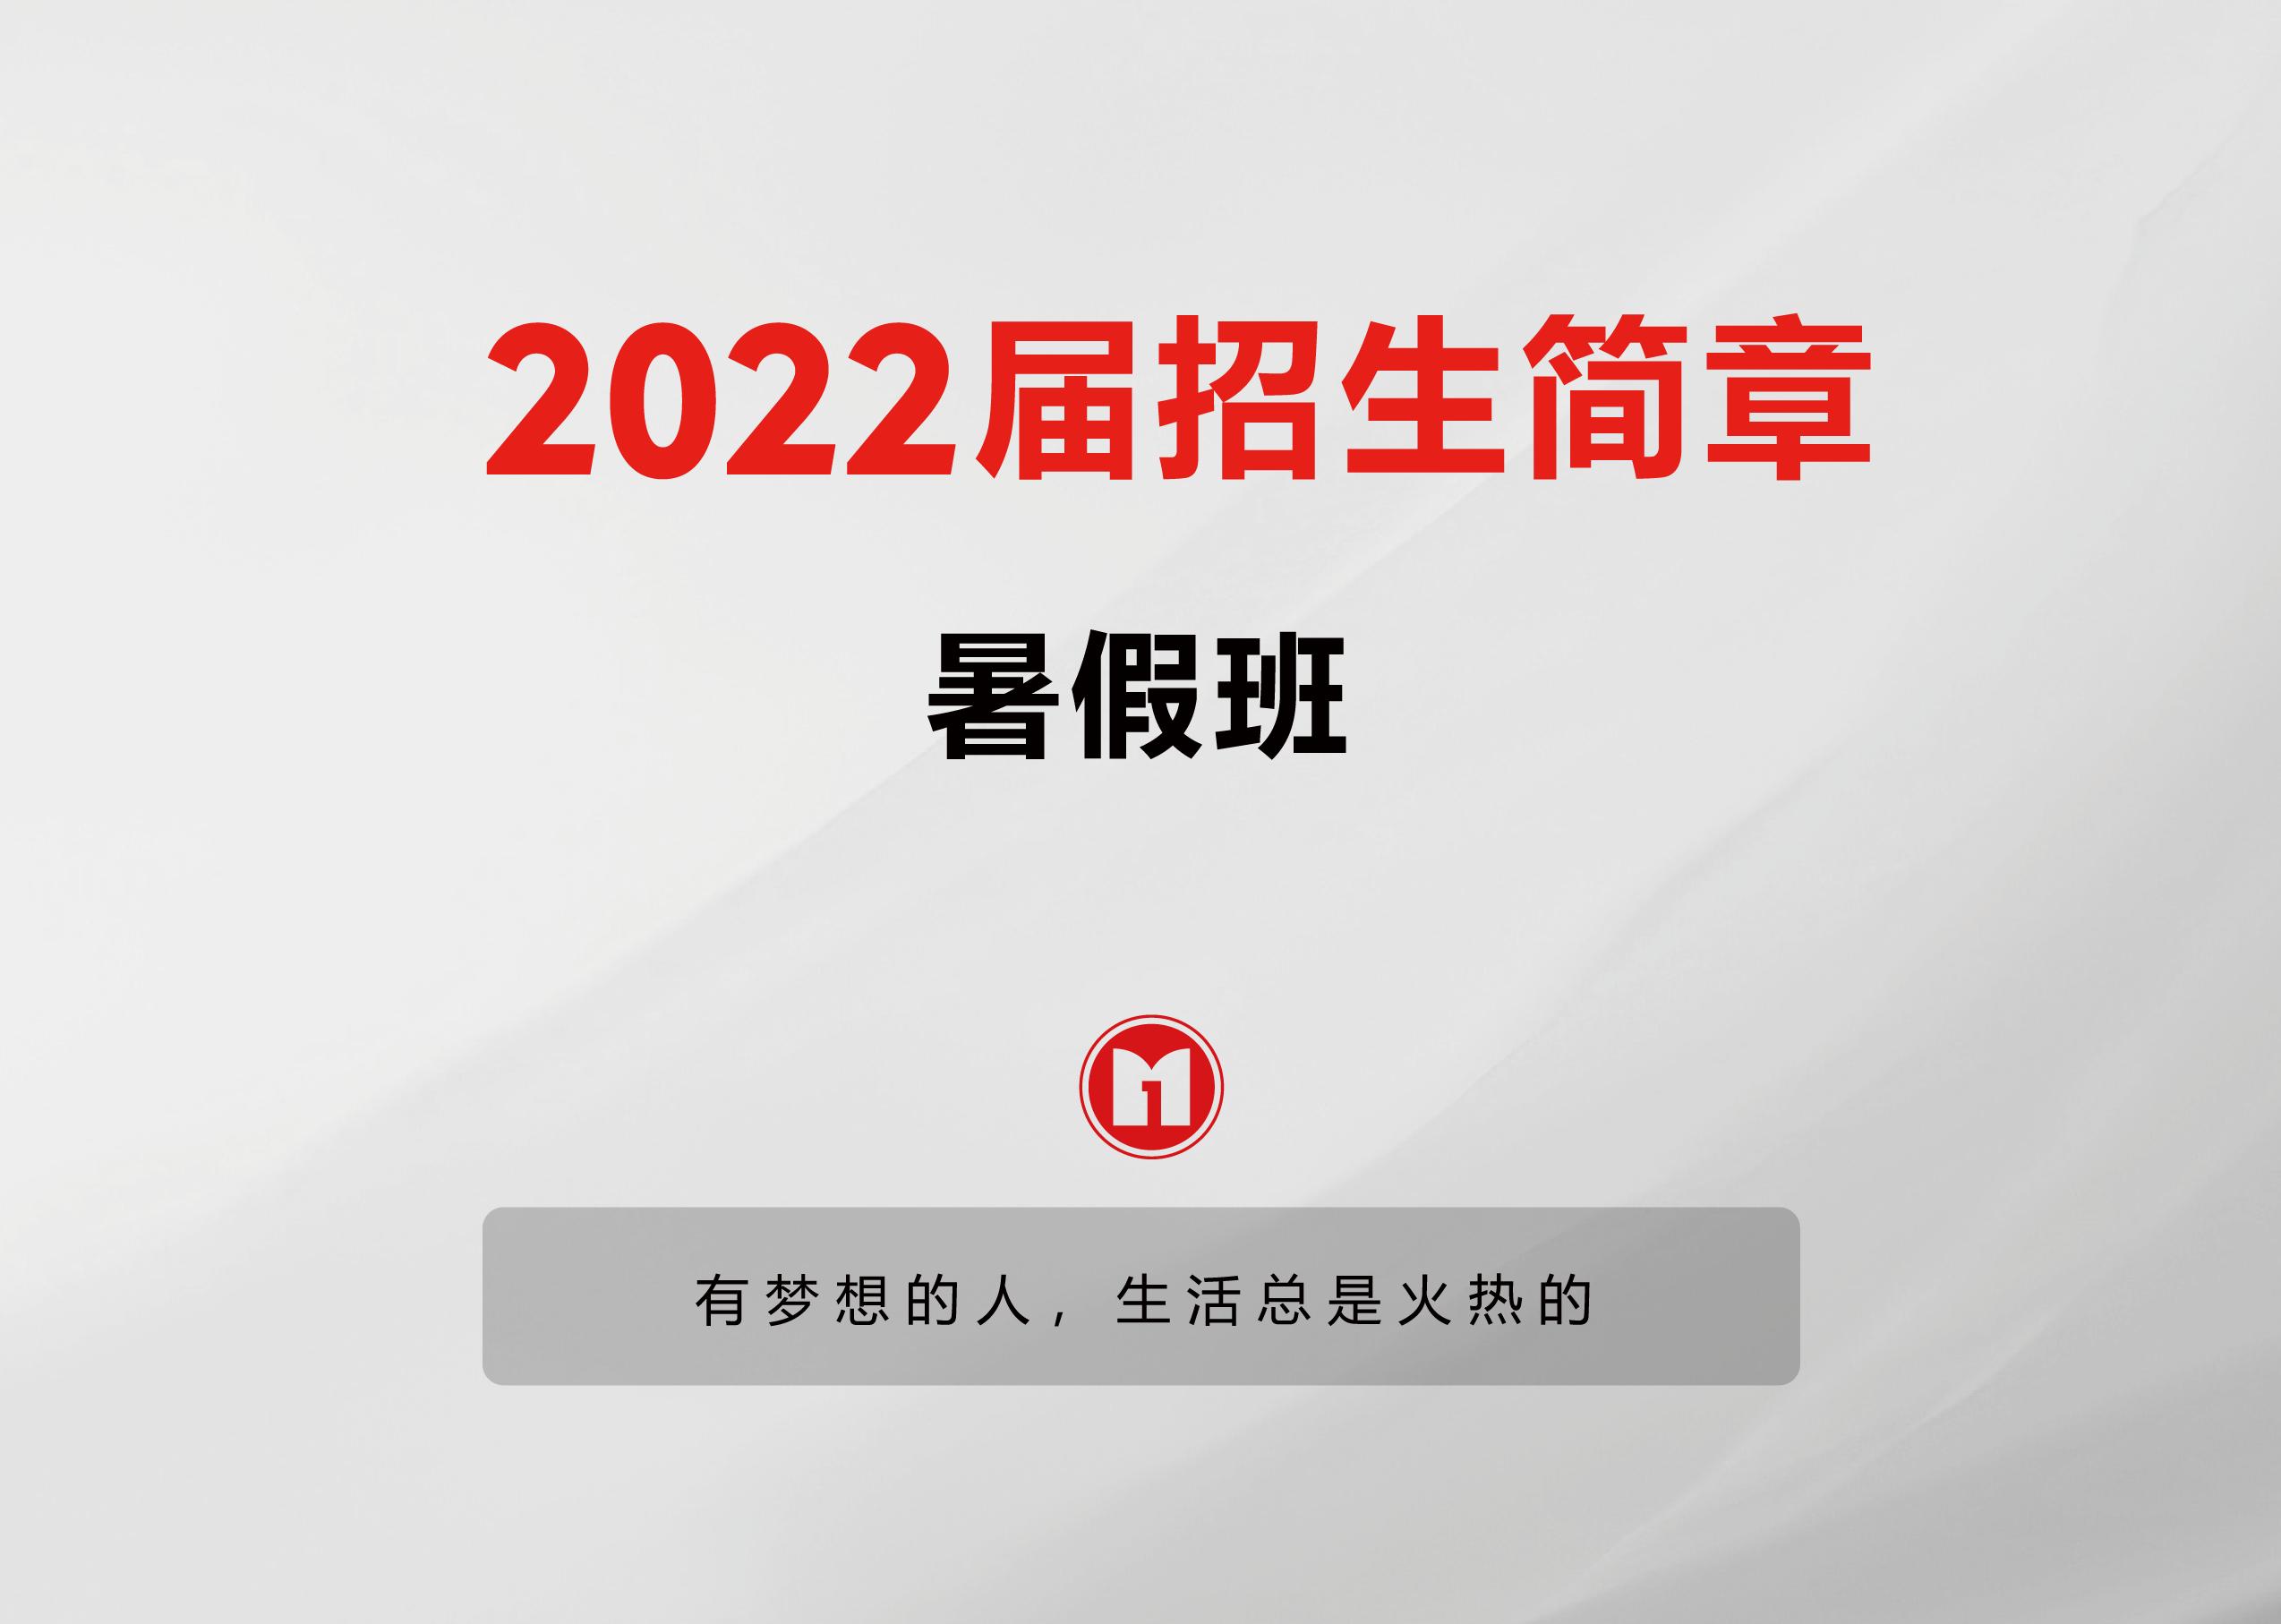 2022届暑假班招生简章